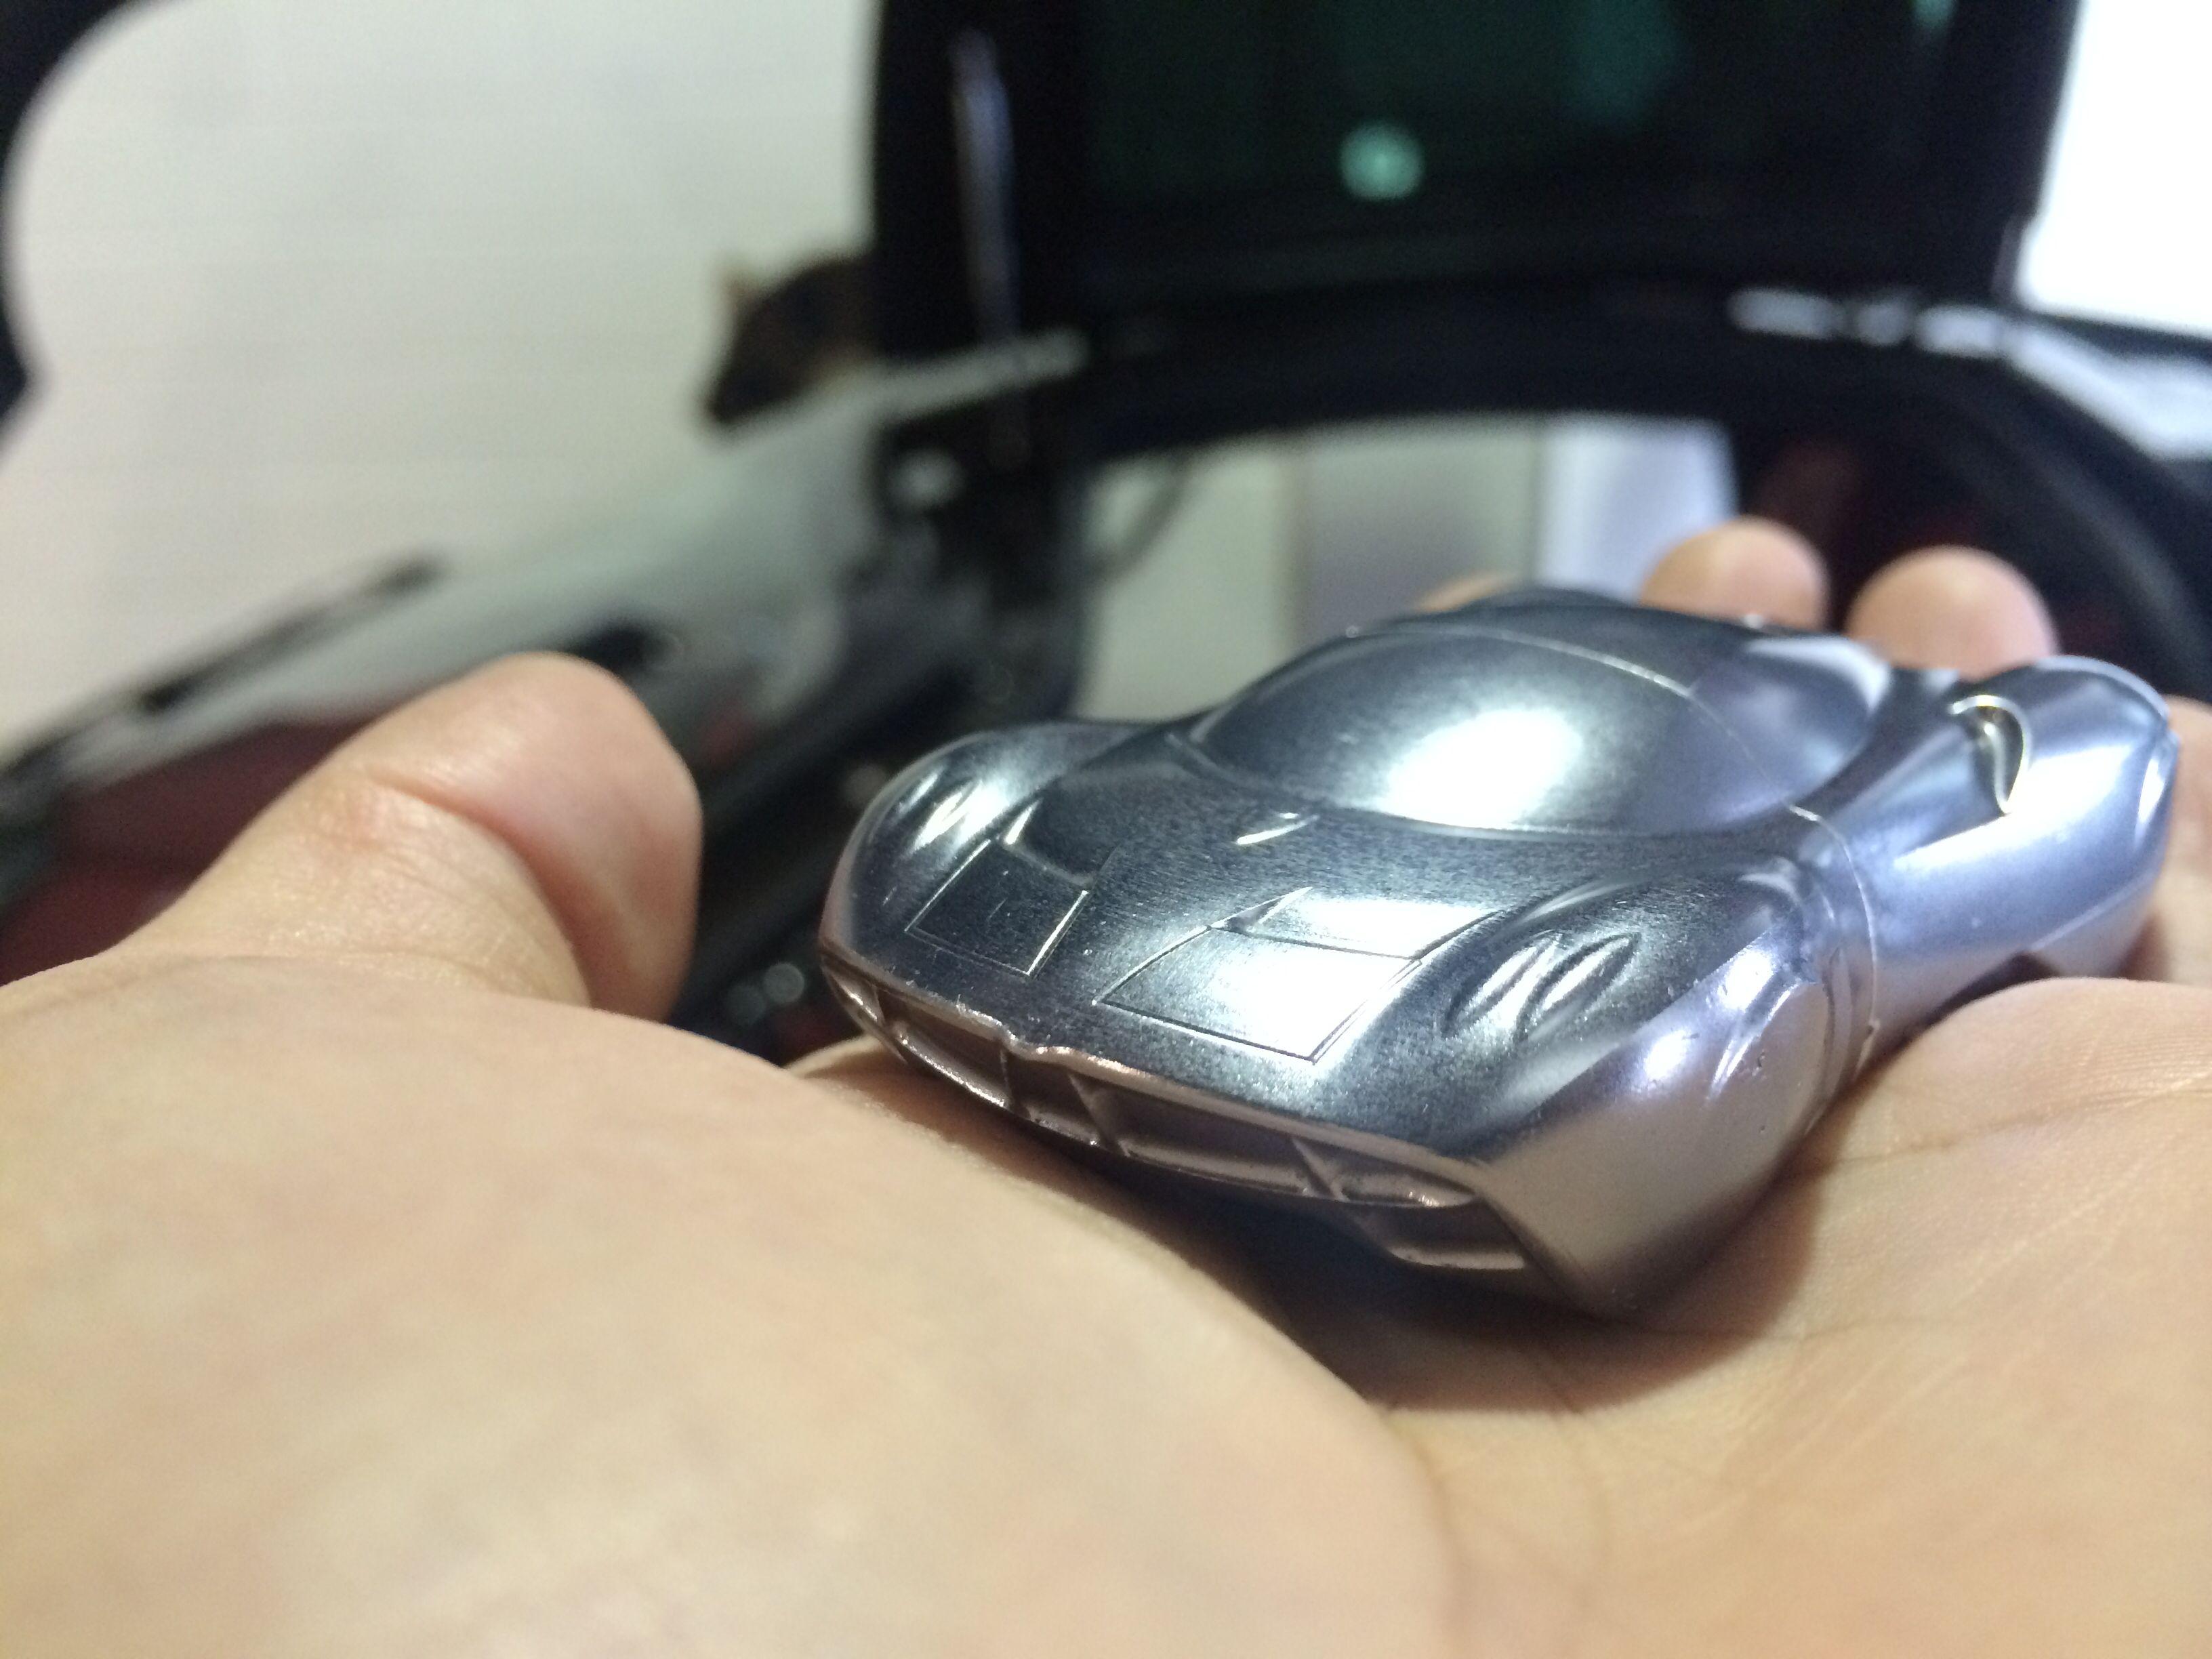 pagani huayra key made out of aluminum | chasing cars | cars, car